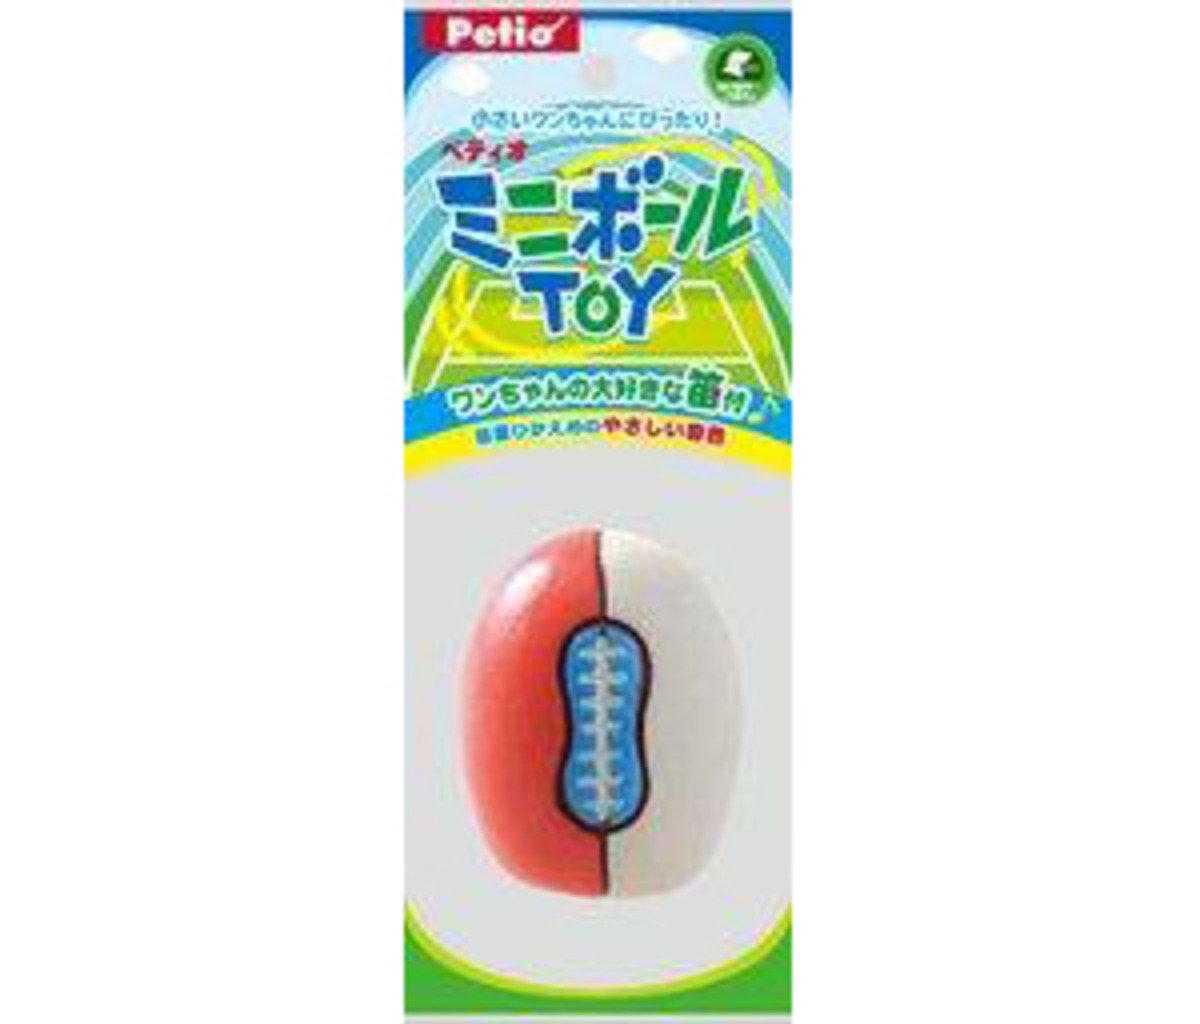 PO23593 日本 PETIO 發聲玩具 - 欖球